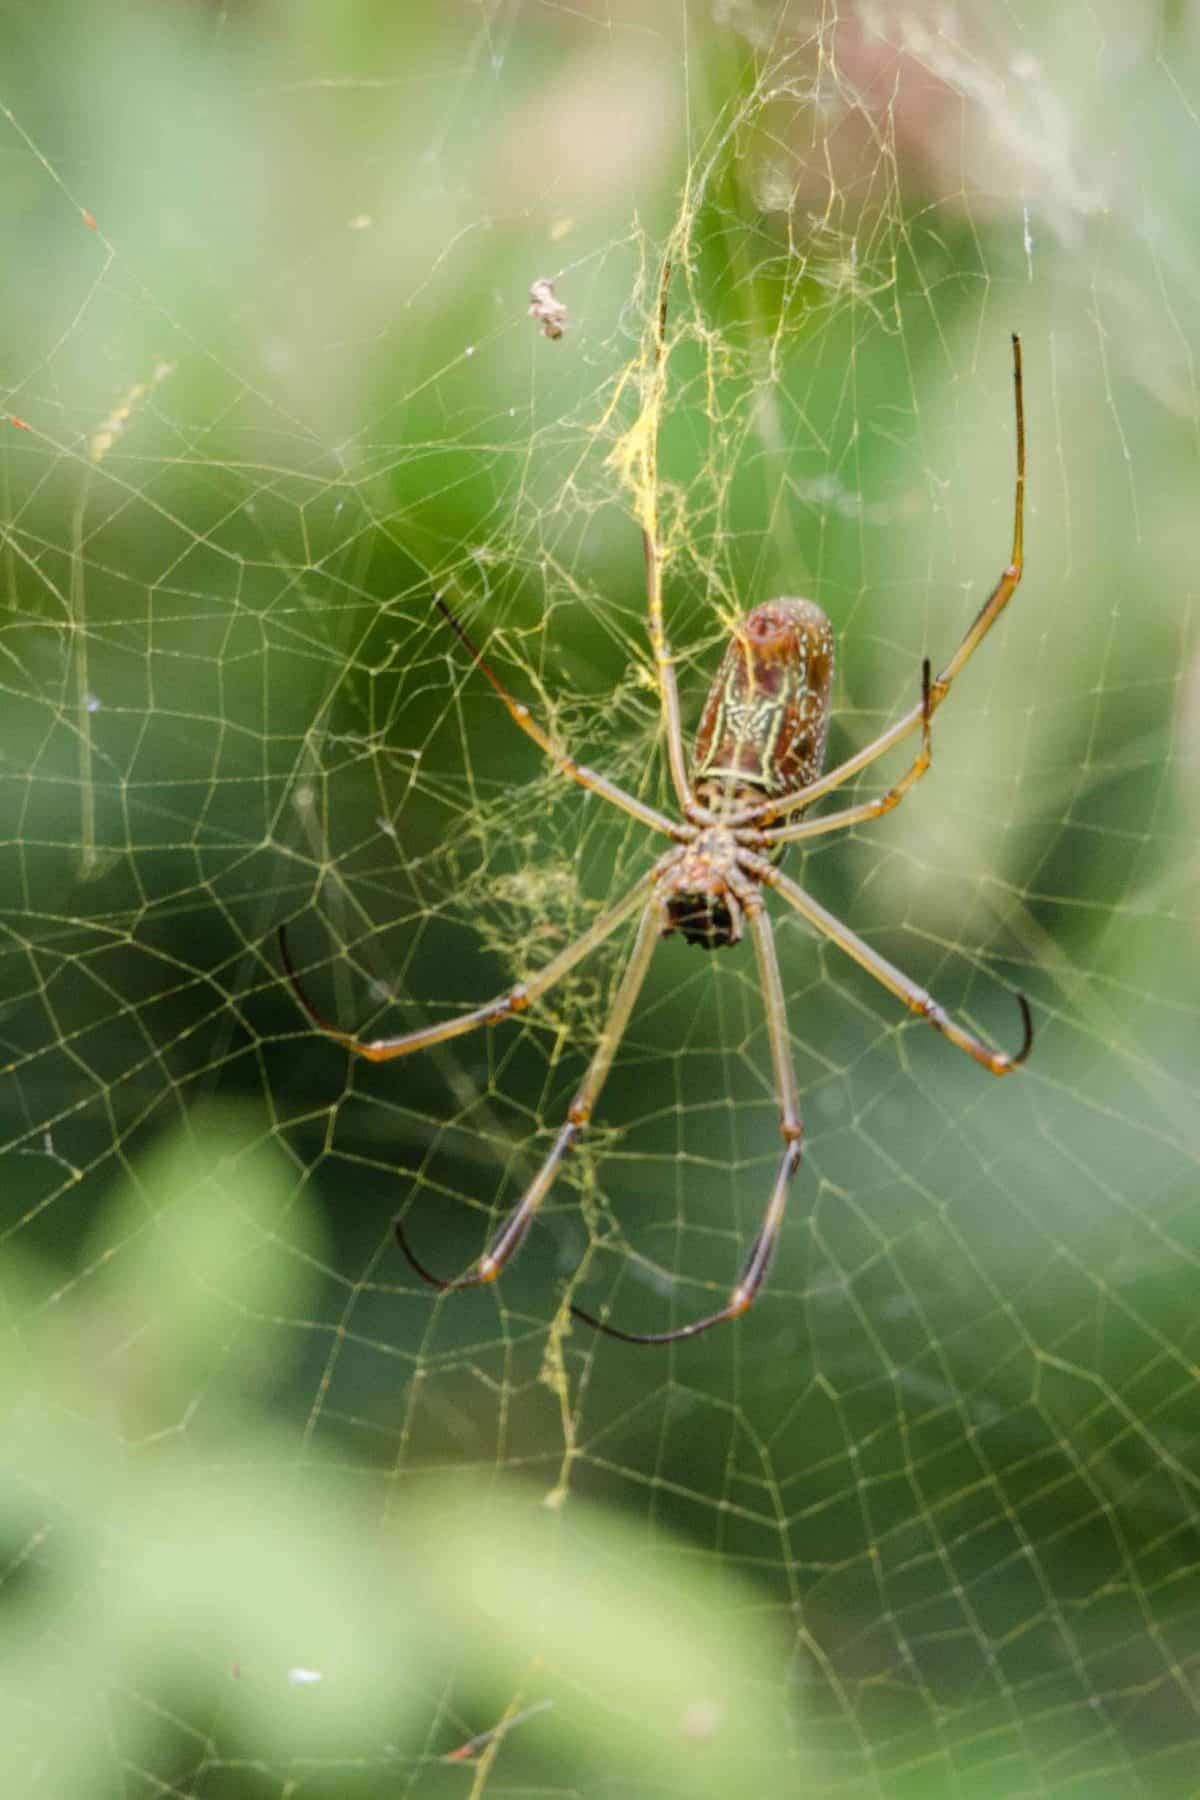 A Spider, Loja Province, Ecuador